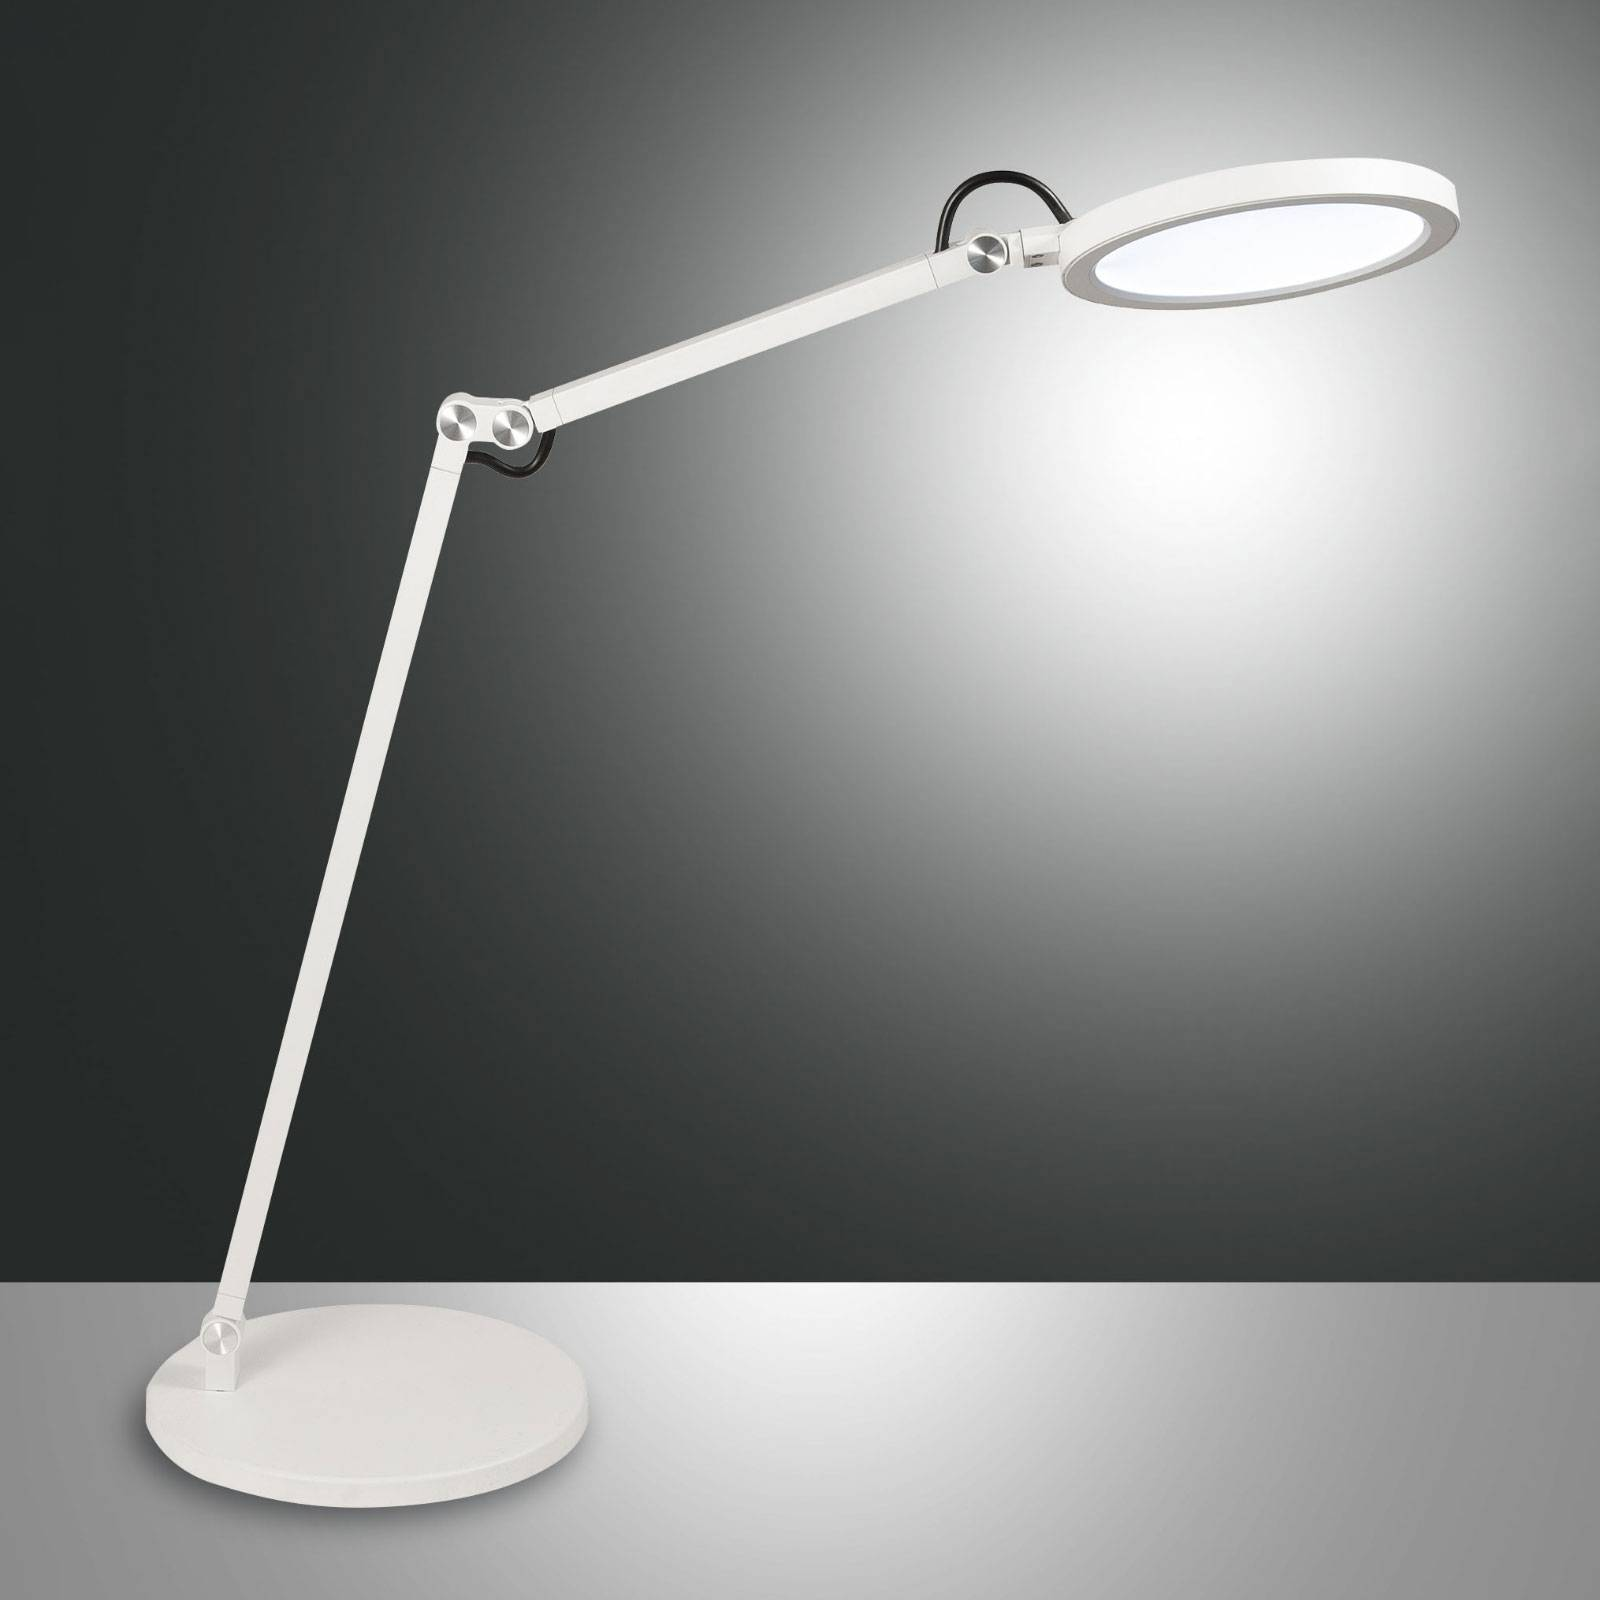 LED-työpöytälamppu Regina himmentimellä, valkoinen